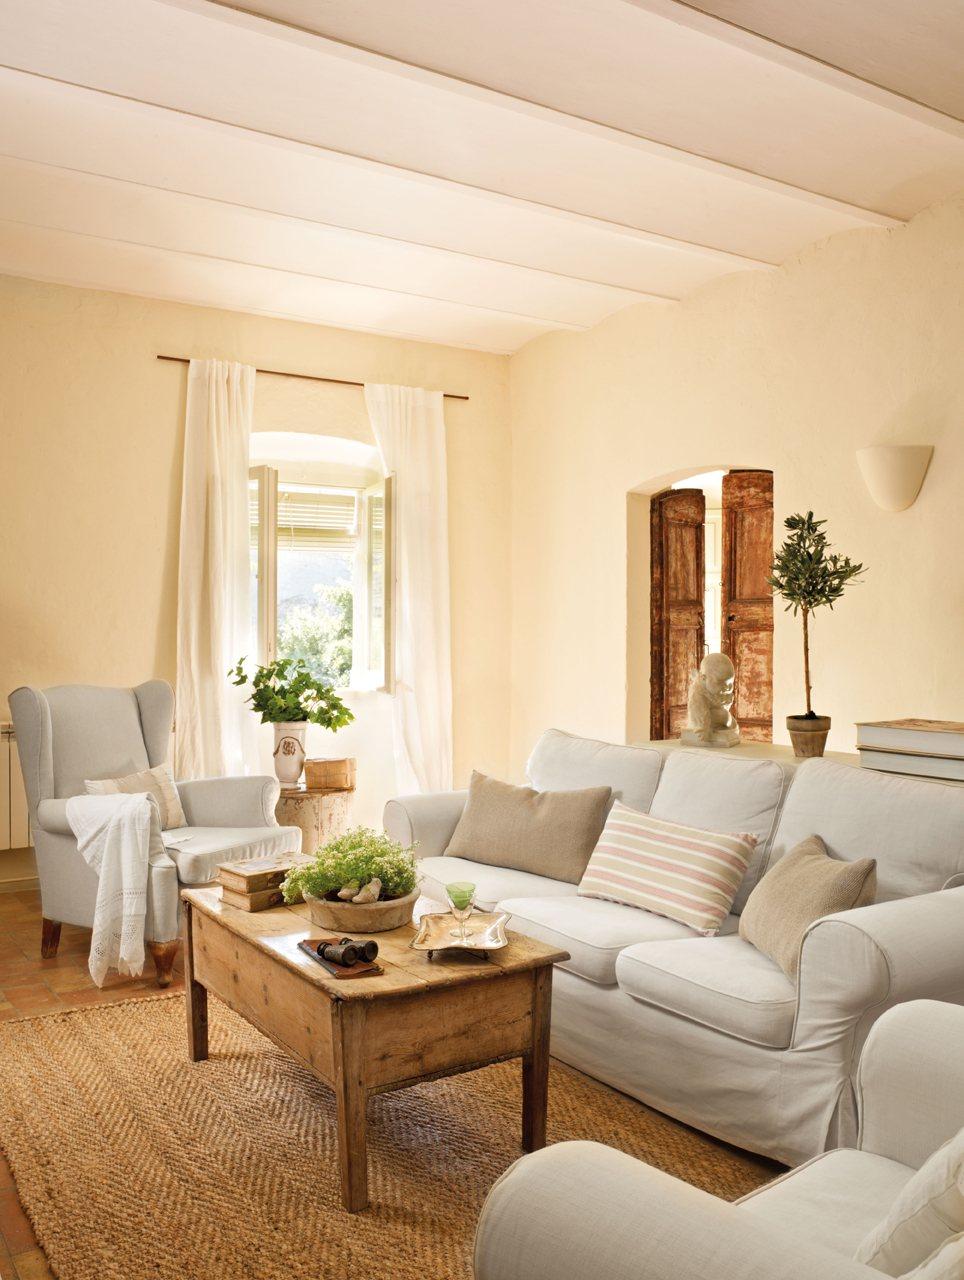 Una casita de pueblo con encanto r stico y un precioso patio - Decorar casa de pueblo ...